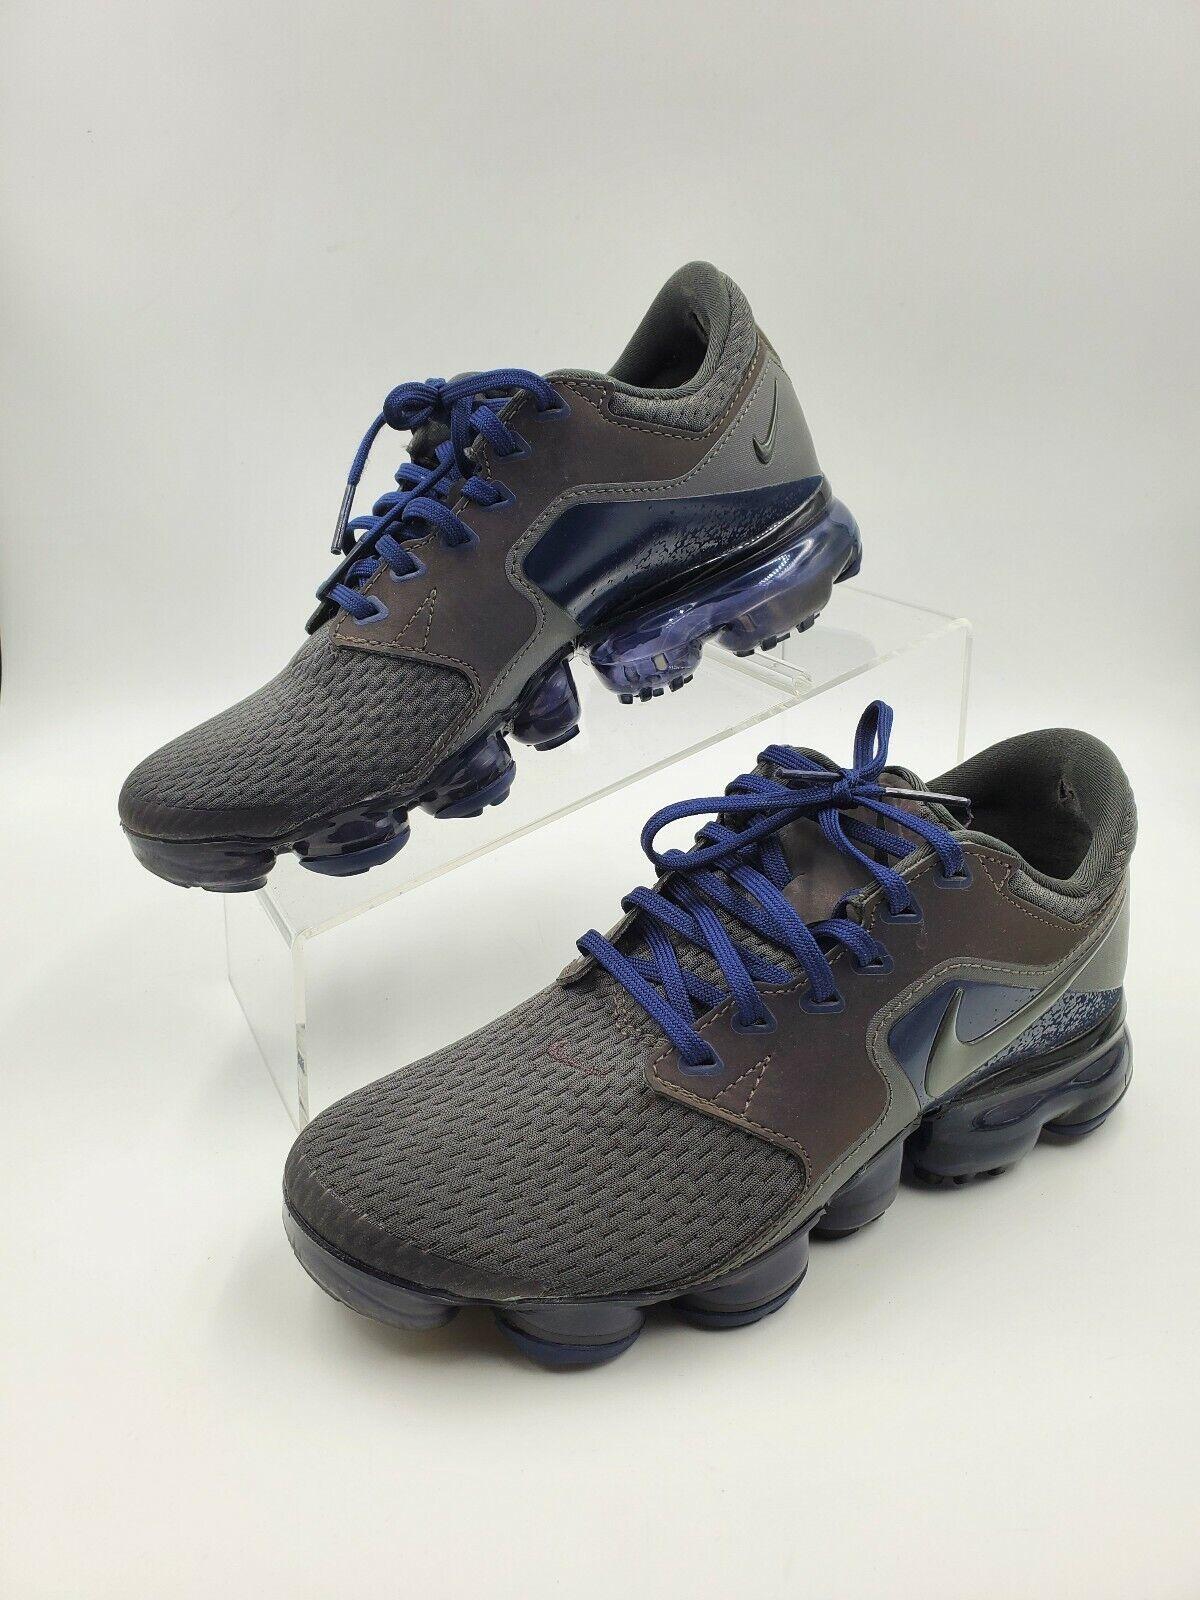 Nike WMNS Air Vapormax R AJ4470-002